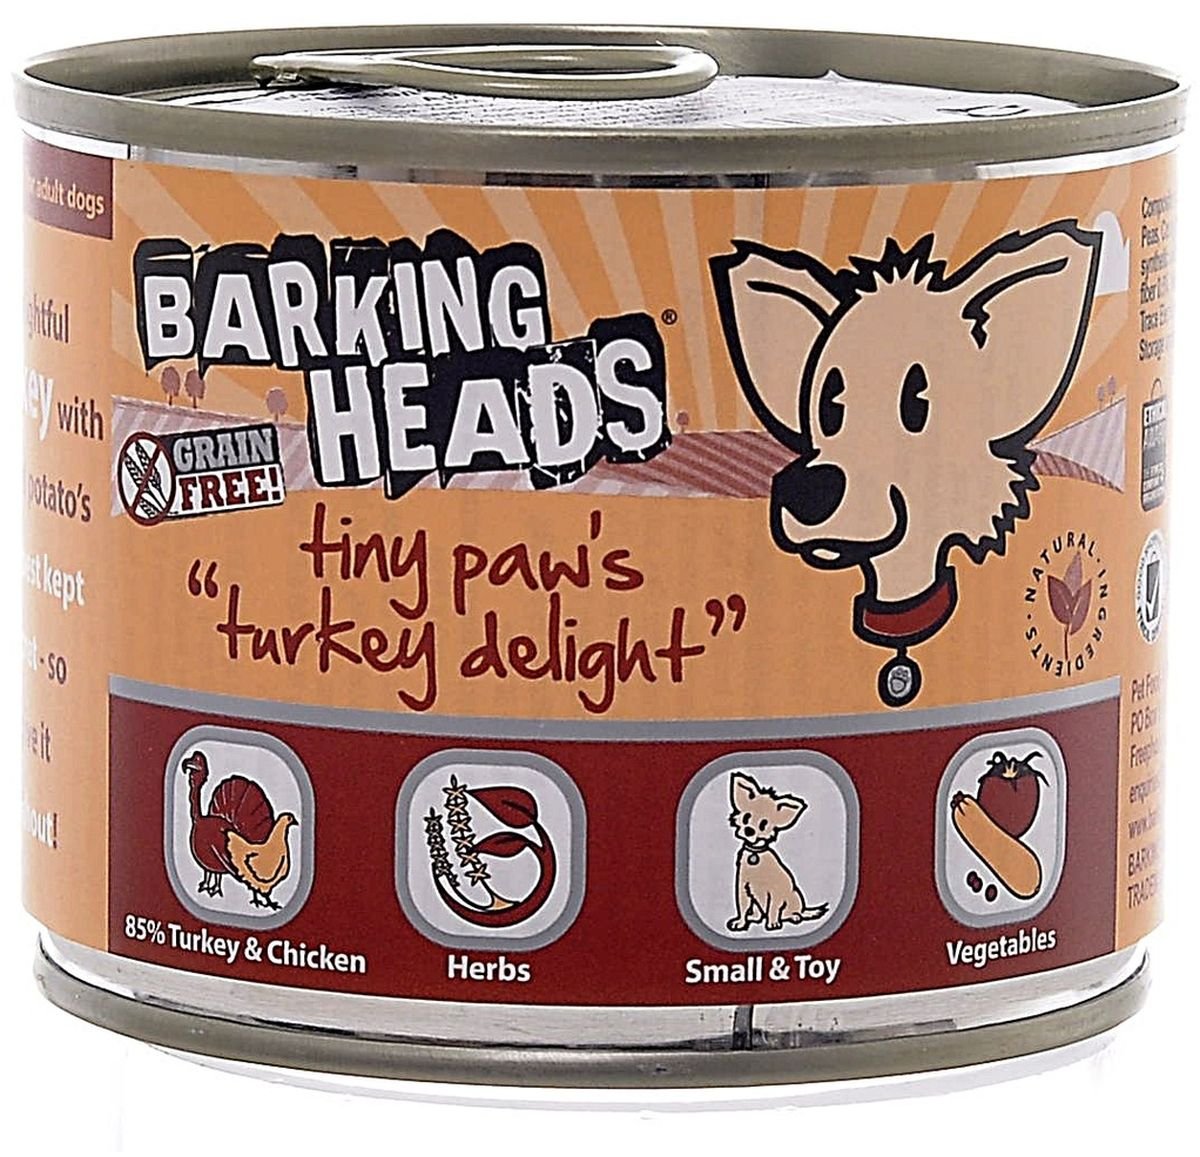 Консервы Barking Heads Бесподобная индейка для собак мелких пород, с индейкой, 200 г13832Консервы Barking Heads Бесподобная индейка - это обед аристократа: вкус настоящего британского лакомства - индейки на пару - покажется вашему питомцу поистине замечательным! Пусть питомец почувствует всю вашу любовь!Приготовленное на пару свежайшее мясо индейки не теряет своих полезных свойств и натуральной вкусовой привлекательности для собак. Отличный вкус, нежный аромат натурального корма и заботливый хозяин рядом - что еще нужно счастливому питомцу! Консервы можно использовать в качестве полнорационного корма.Состав: 85% индейки и курицы (30% индейки, 30% курицы, 25% бульона из индейки), нут, горох, кабачки, томаты, растительное масло, ламинария, люцерна, сушеная петрушка, сельдерей, корень цикория, куркума, крапива, анисовое семя.Гарантированный анализ: белок 10,8%, содержание жира 6,7%, зола 2,4%, клетчатка 0,5%, влага 75%.Витамины: витамин D3 2000 IU, витамин Е 30 МЕ.Комплекс микроэлементов: моногидрат сульфата цинка 15 мг, моногидрат сульфата марганца 3 мг, безводный йодат кальция 0,75 мг.Товар сертифицирован.Чем кормить пожилых собак: советы ветеринара. Статья OZON Гид